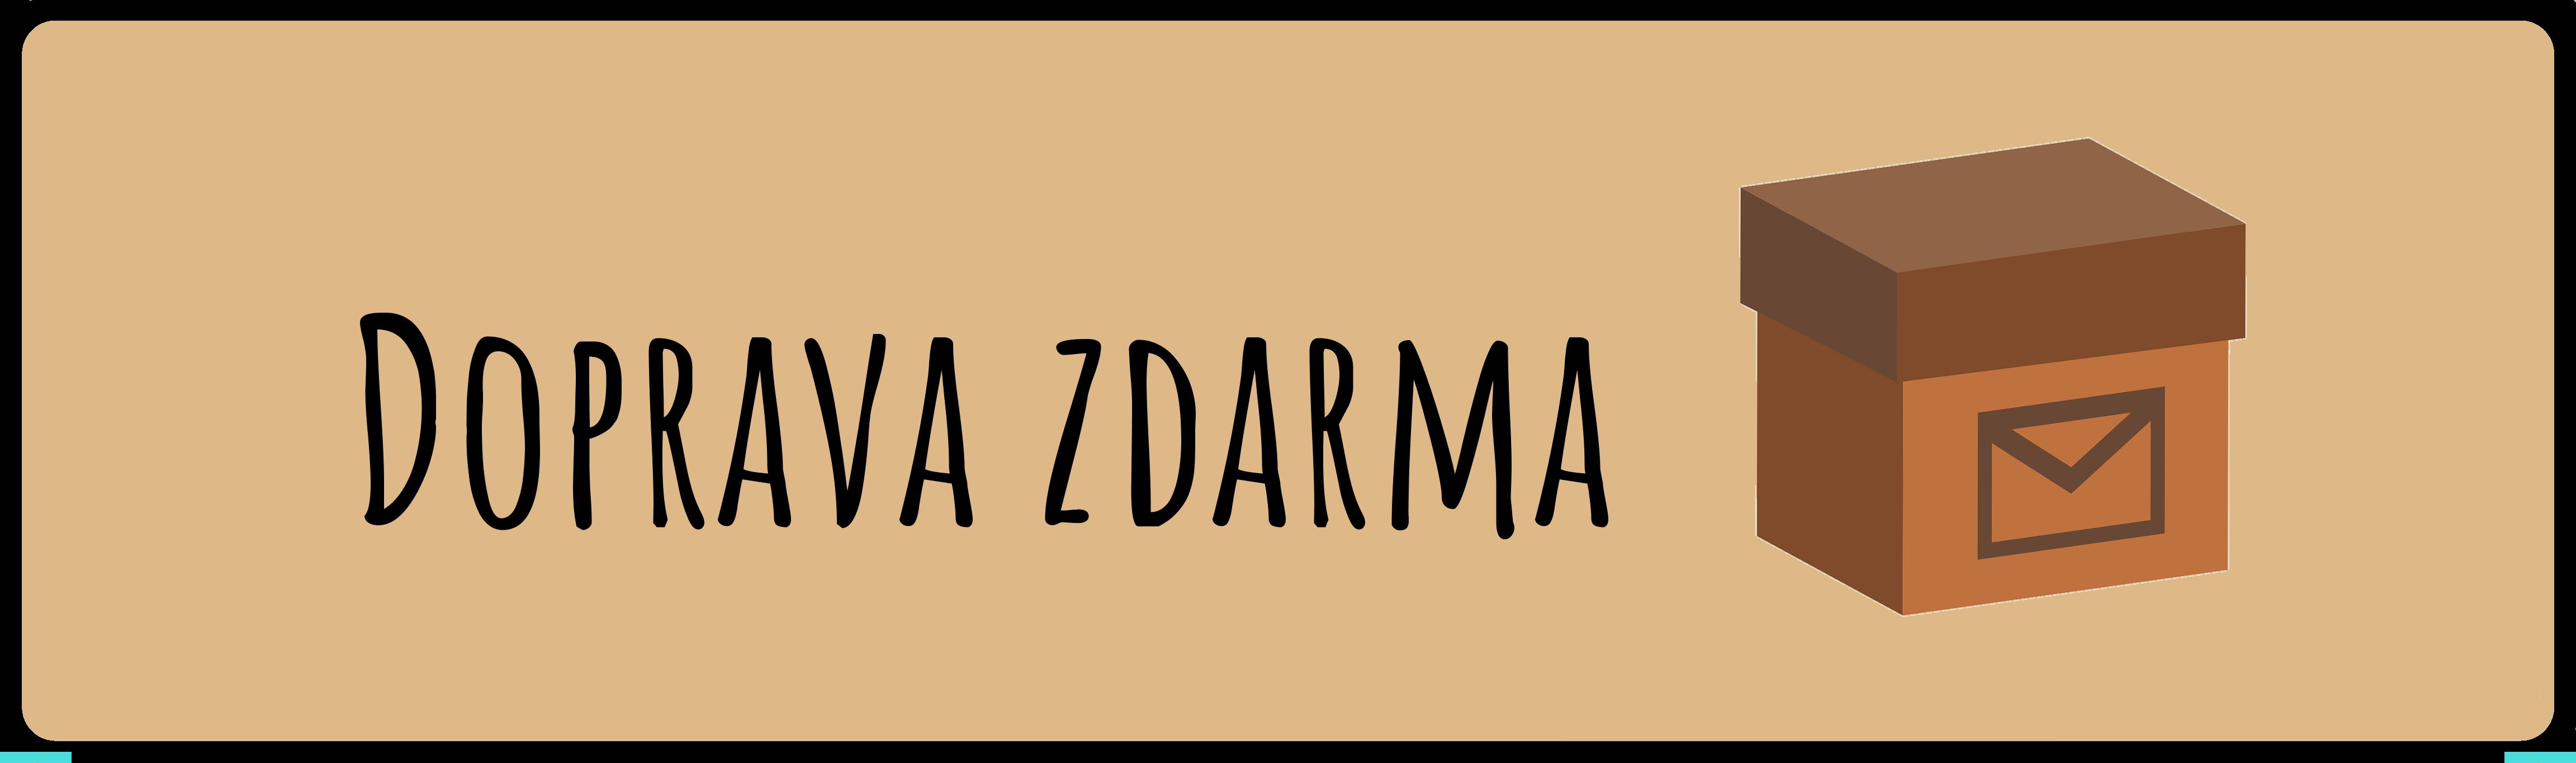 Doprava_zdarma_MADE_BY_DOMARA